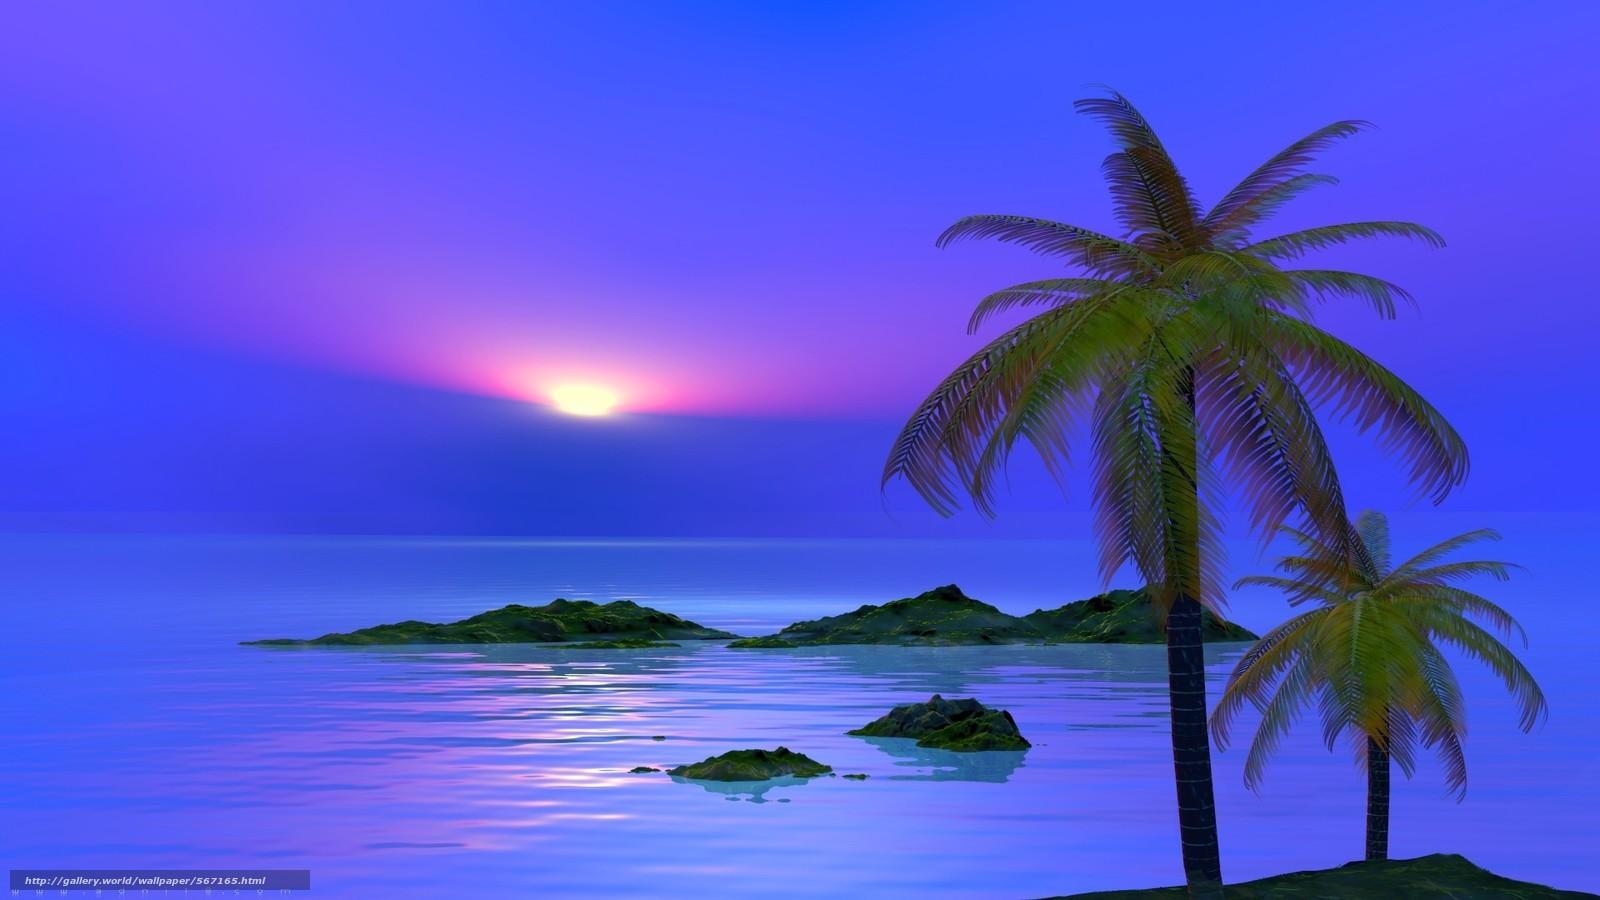 Скачать обои природа,  небо,  море,  пейзаж бесплатно для рабочего стола в разрешении 1920x1080 — картинка №567165